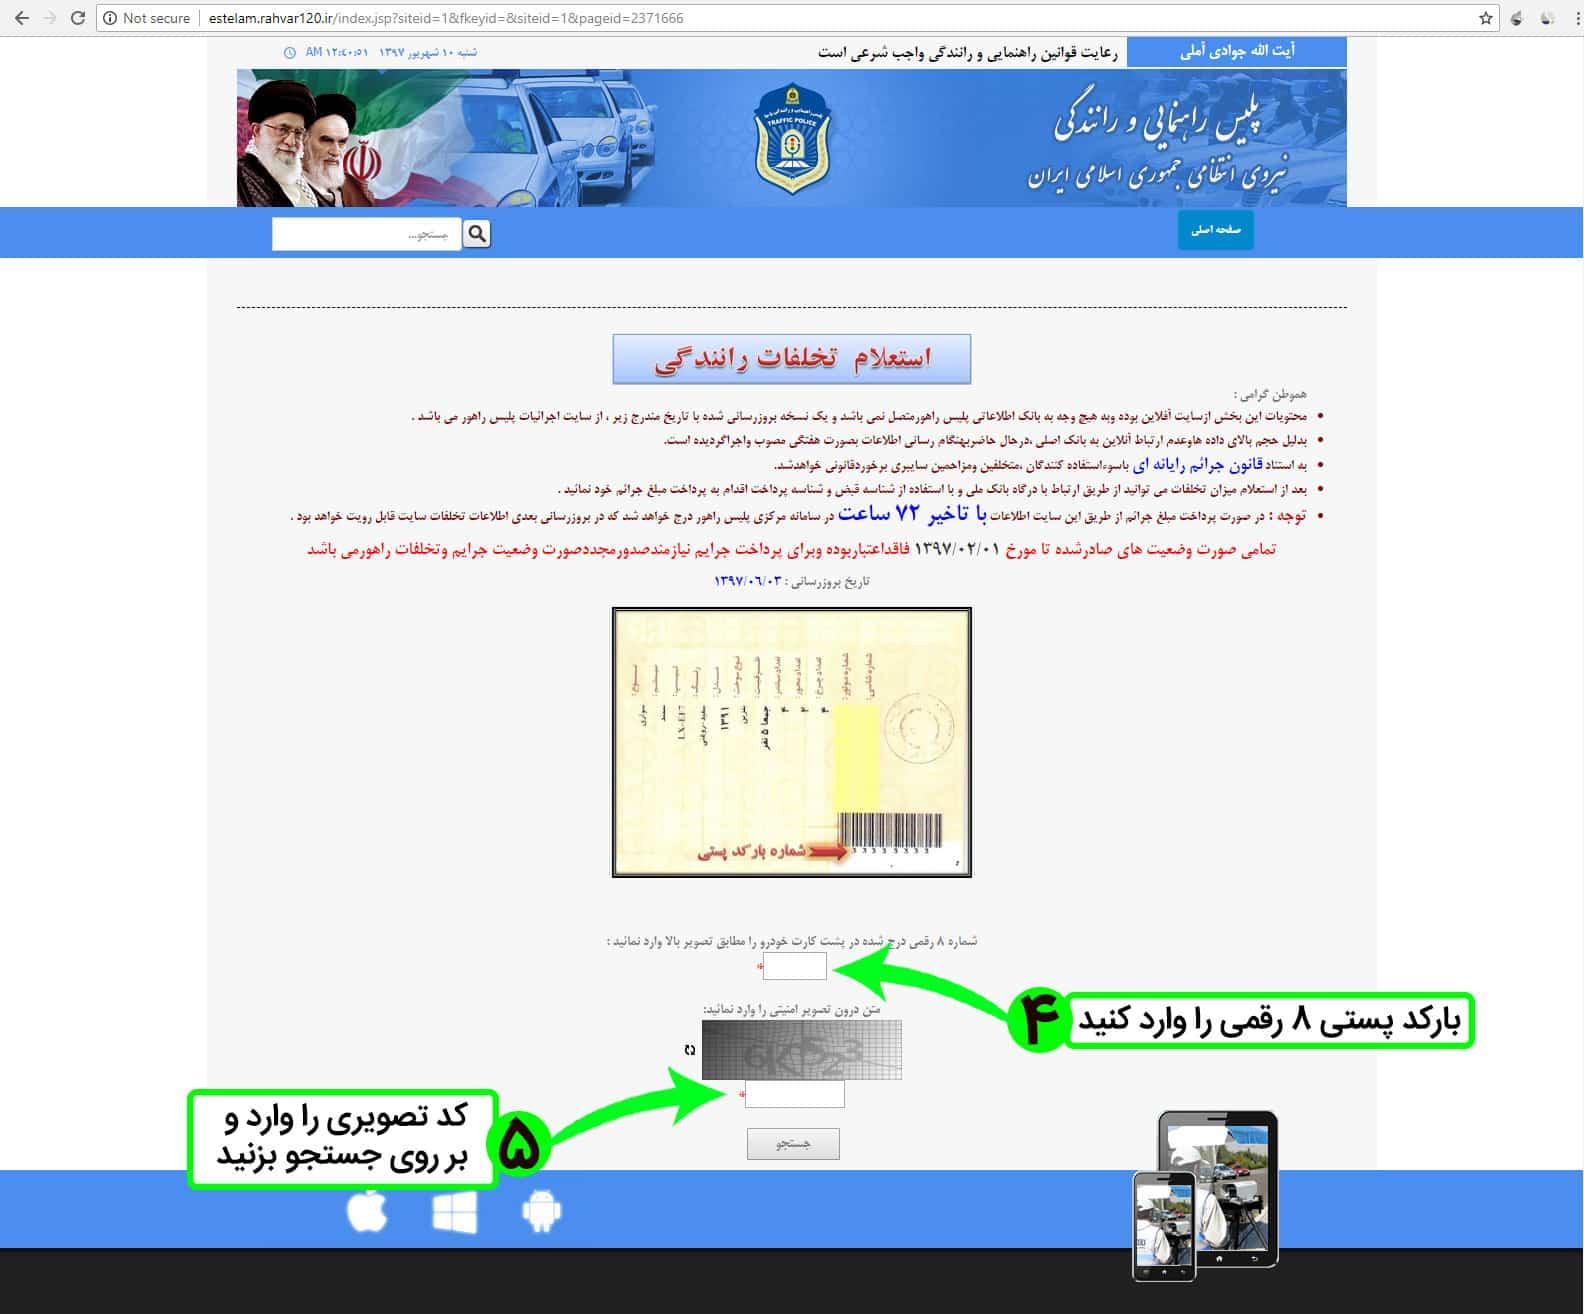 گرفتن خلافی ماشین سایت راهور 120